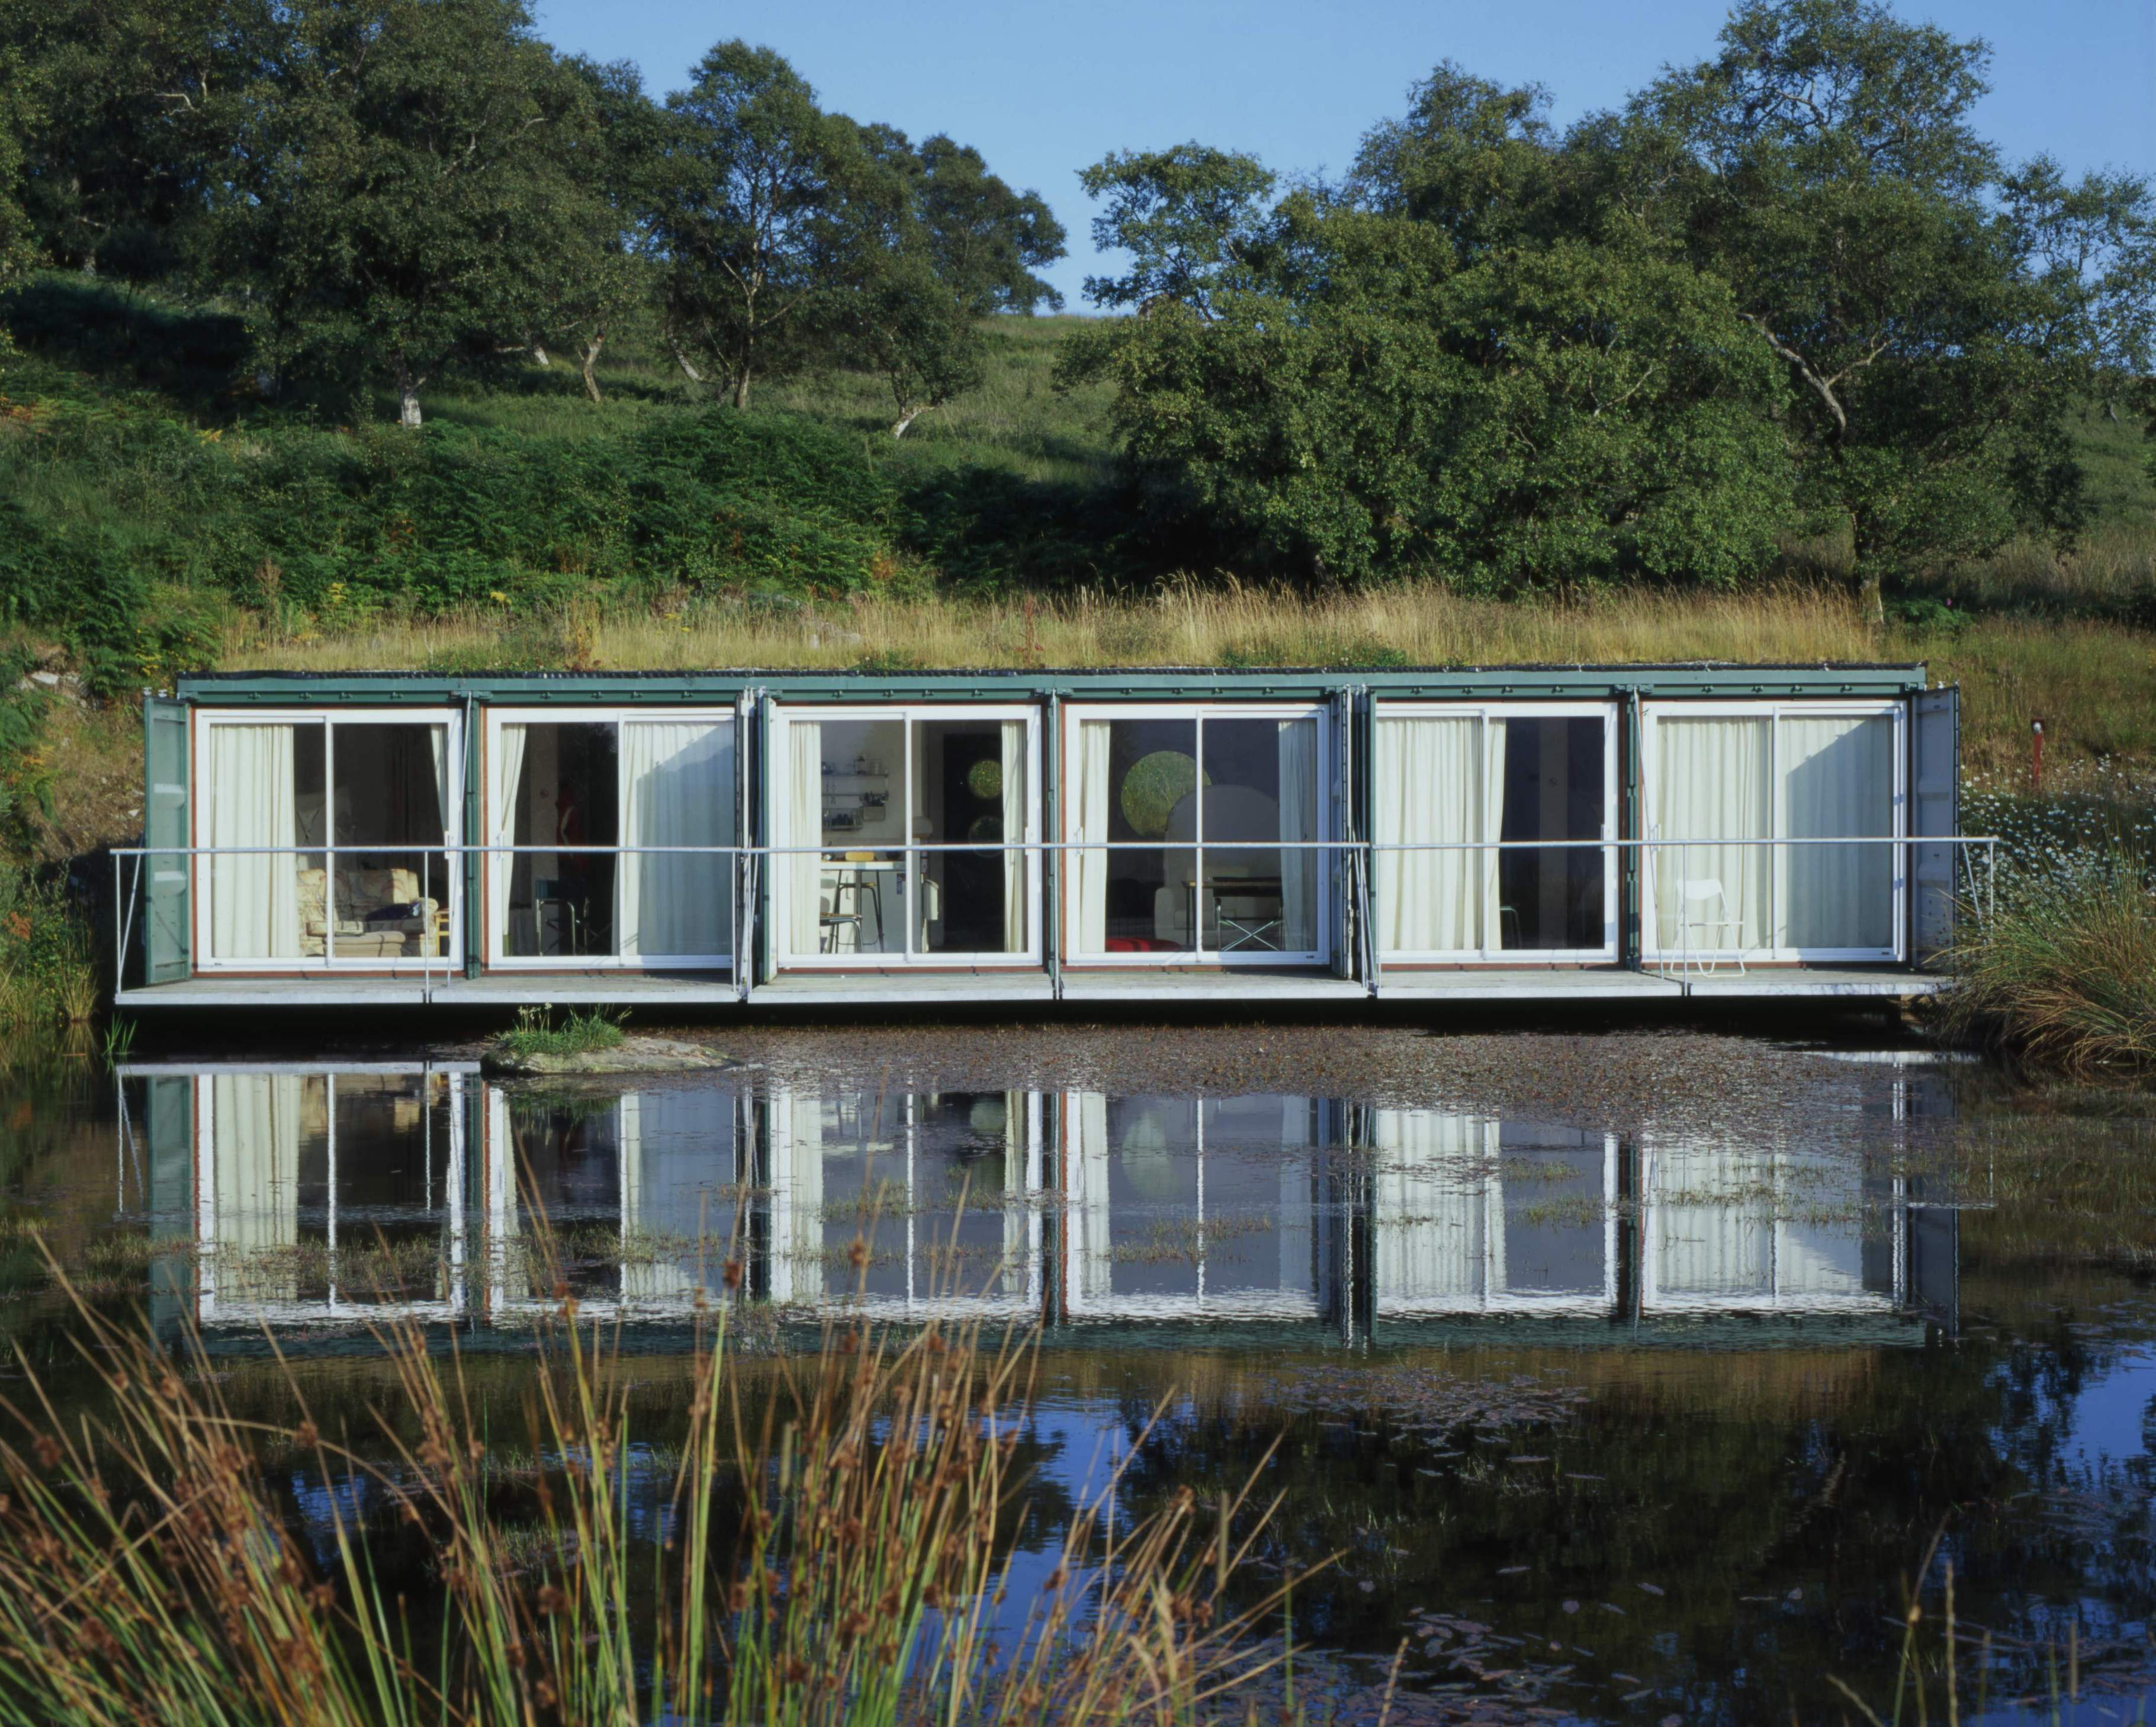 Comment vivre dans une maison container bui for Maison container green habitat